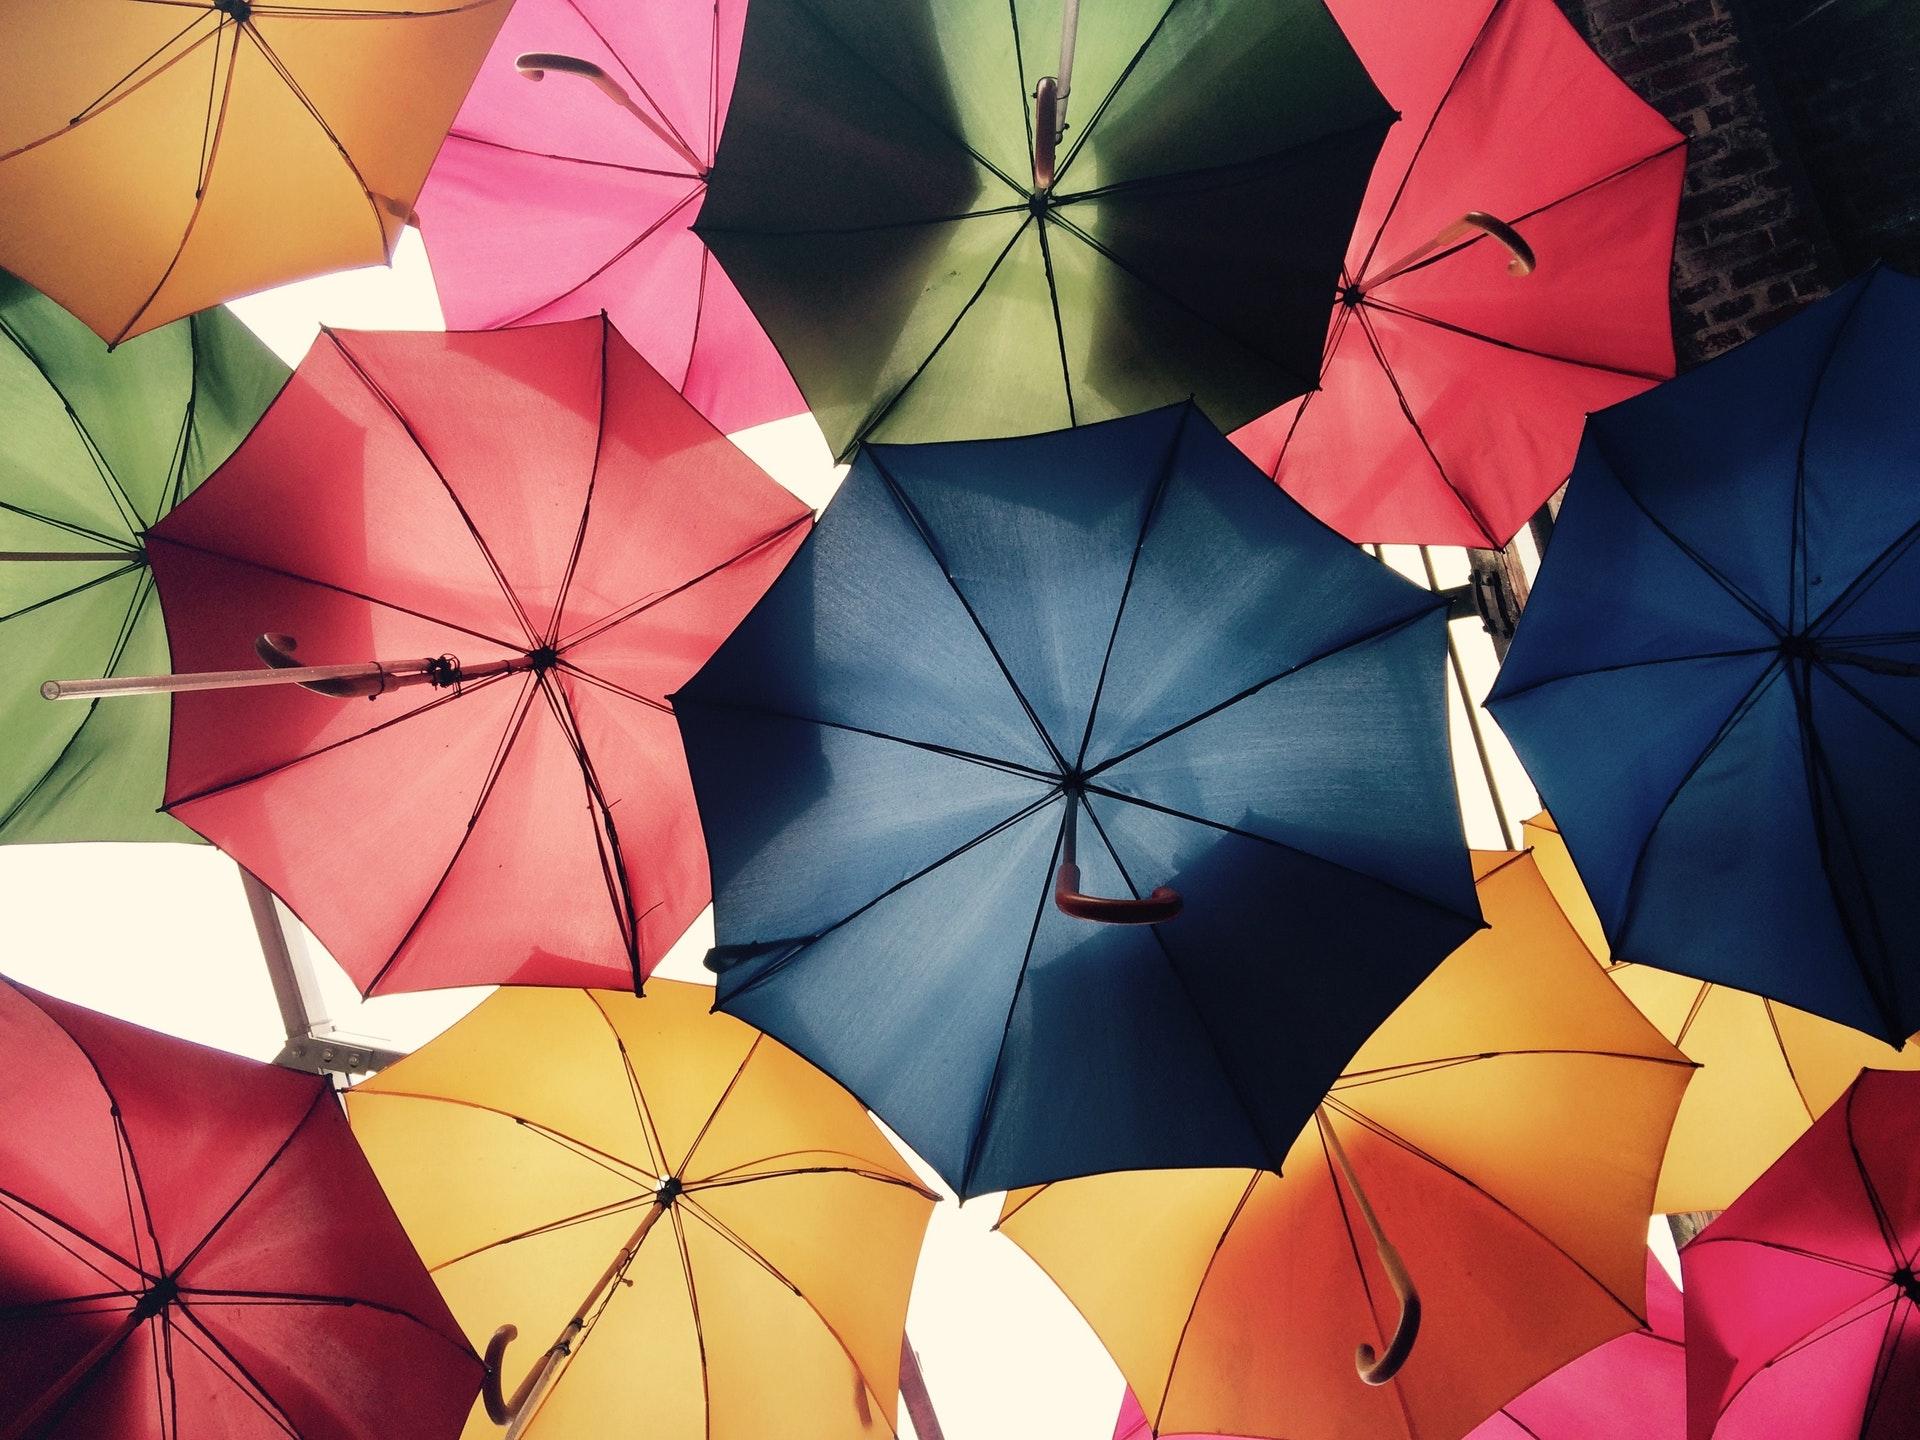 GEP Regenwater voor duurzaam leven